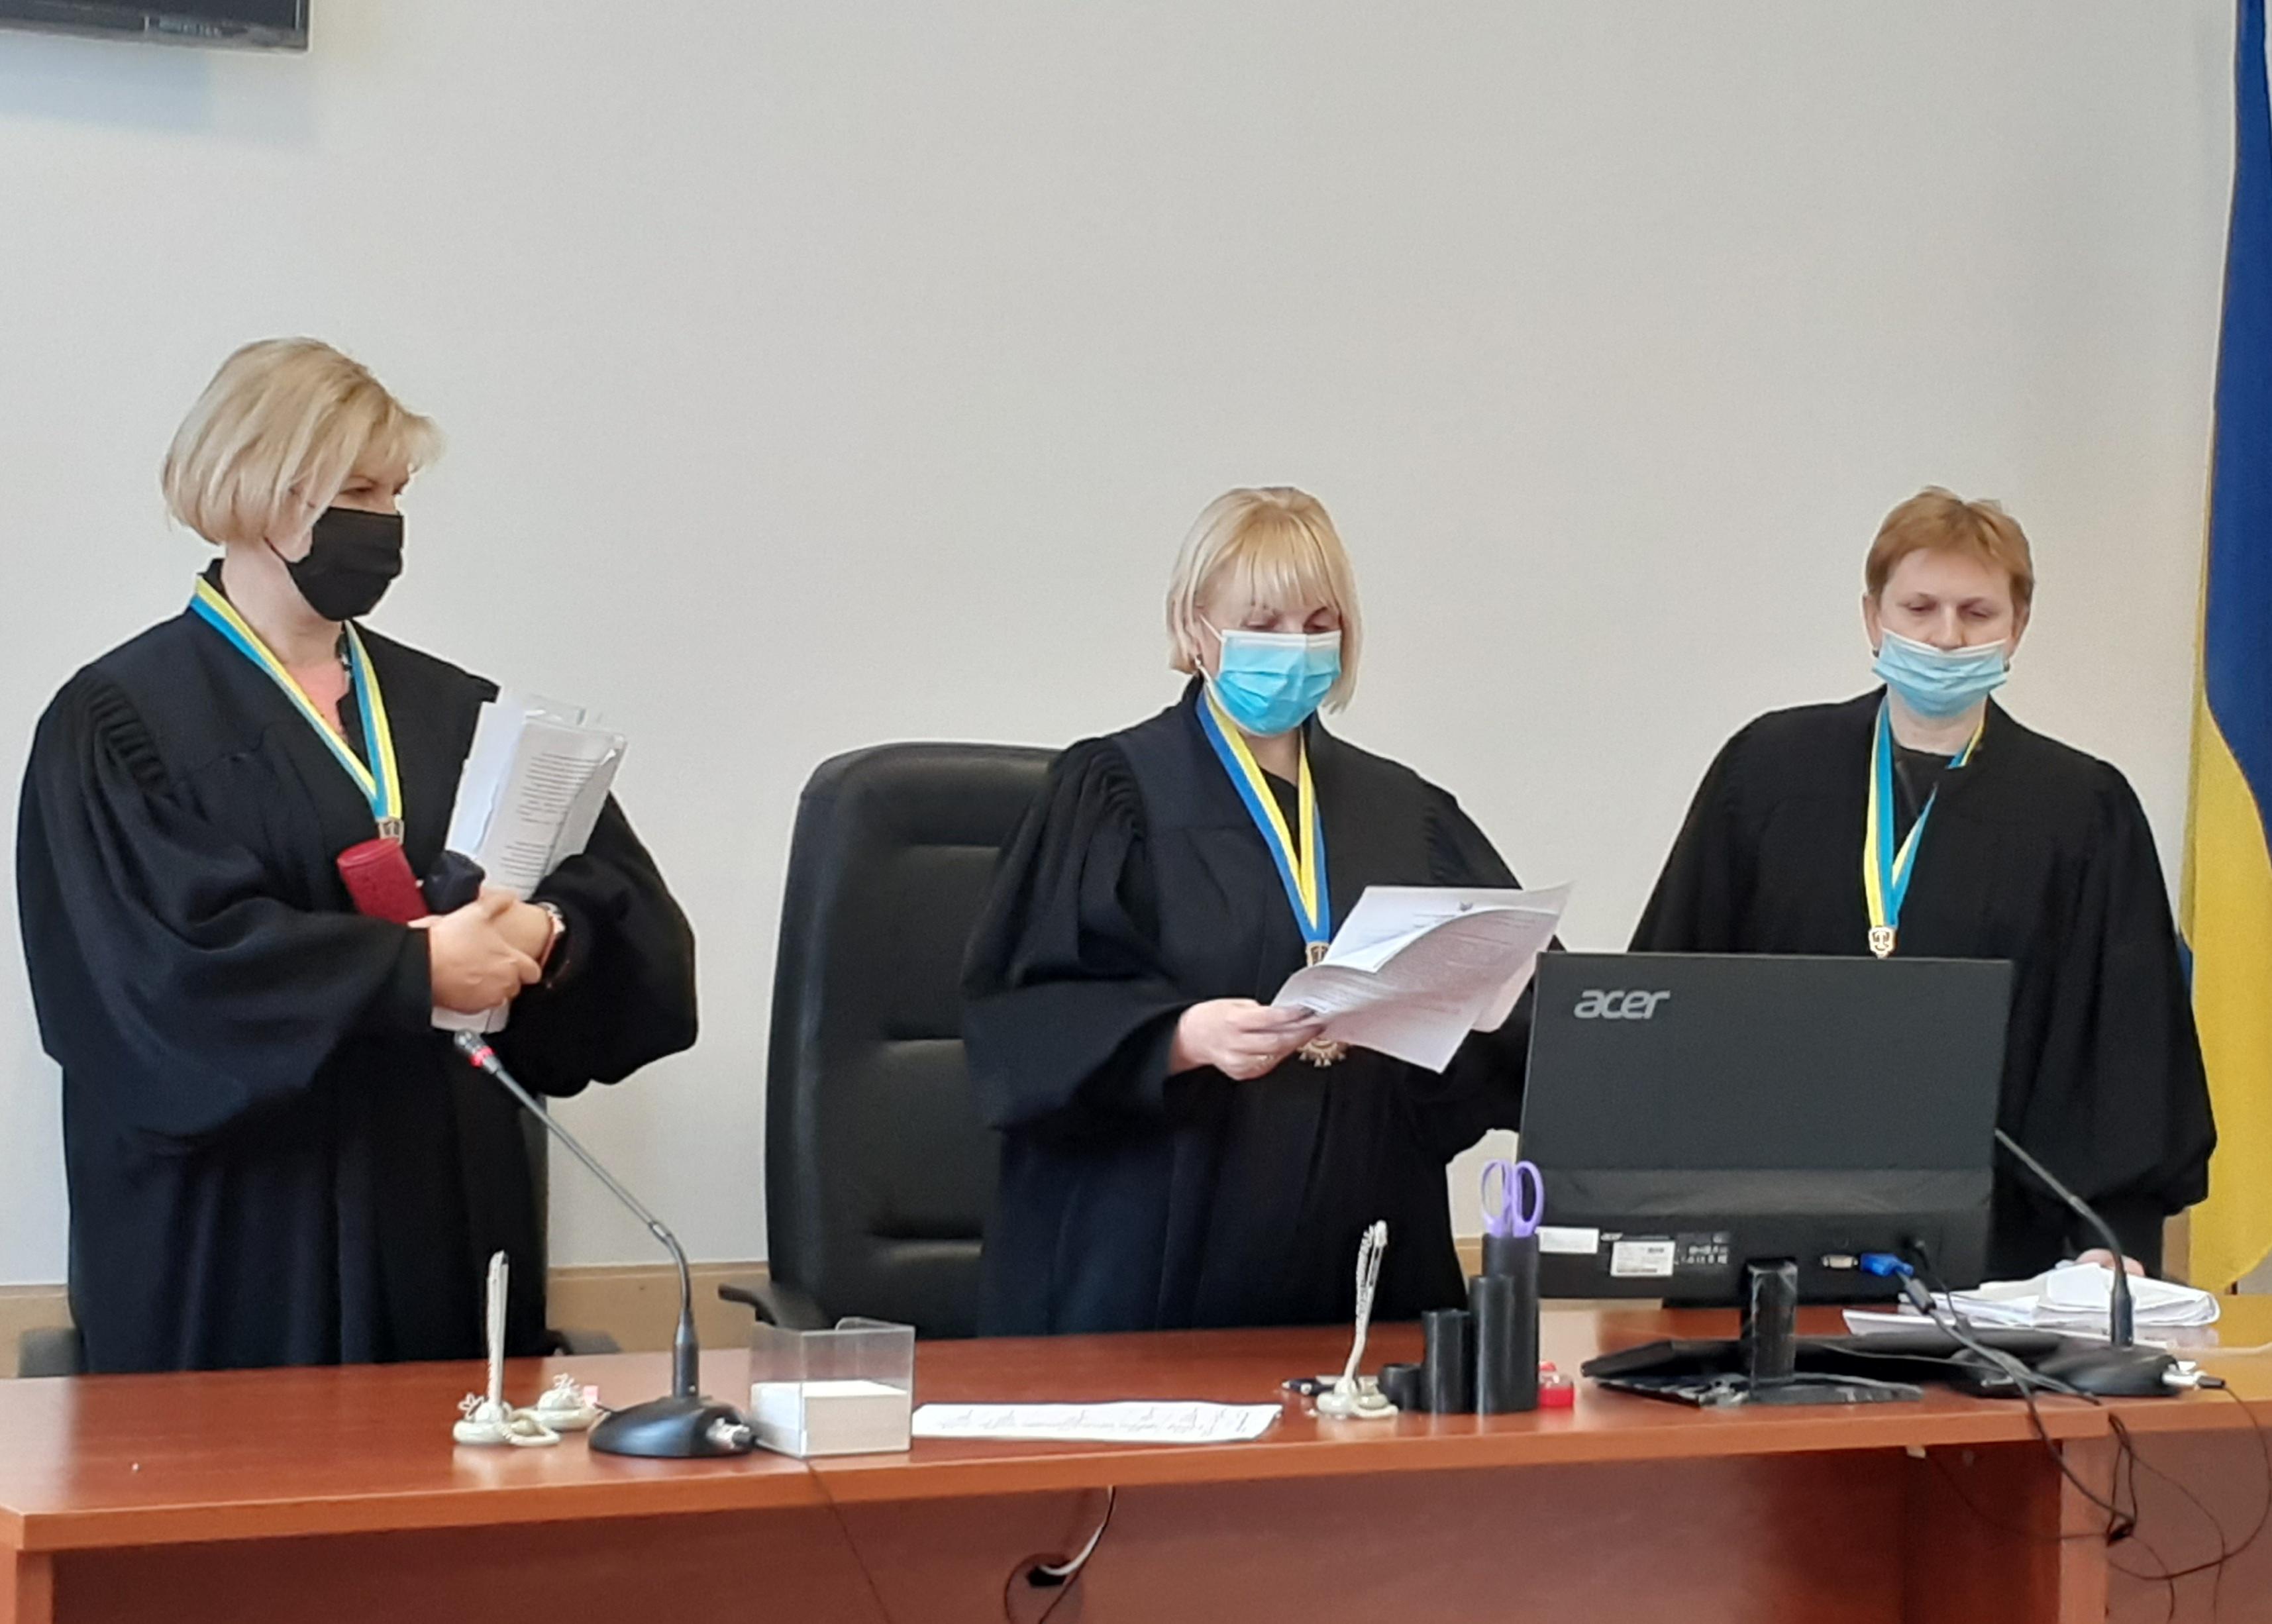 Судді Чернігівського апеляційного суду за 15 хв обговорили, ухвалили та написали рішення у справі поділу майна на користь Олега Авер'янова (ВІДЕО)